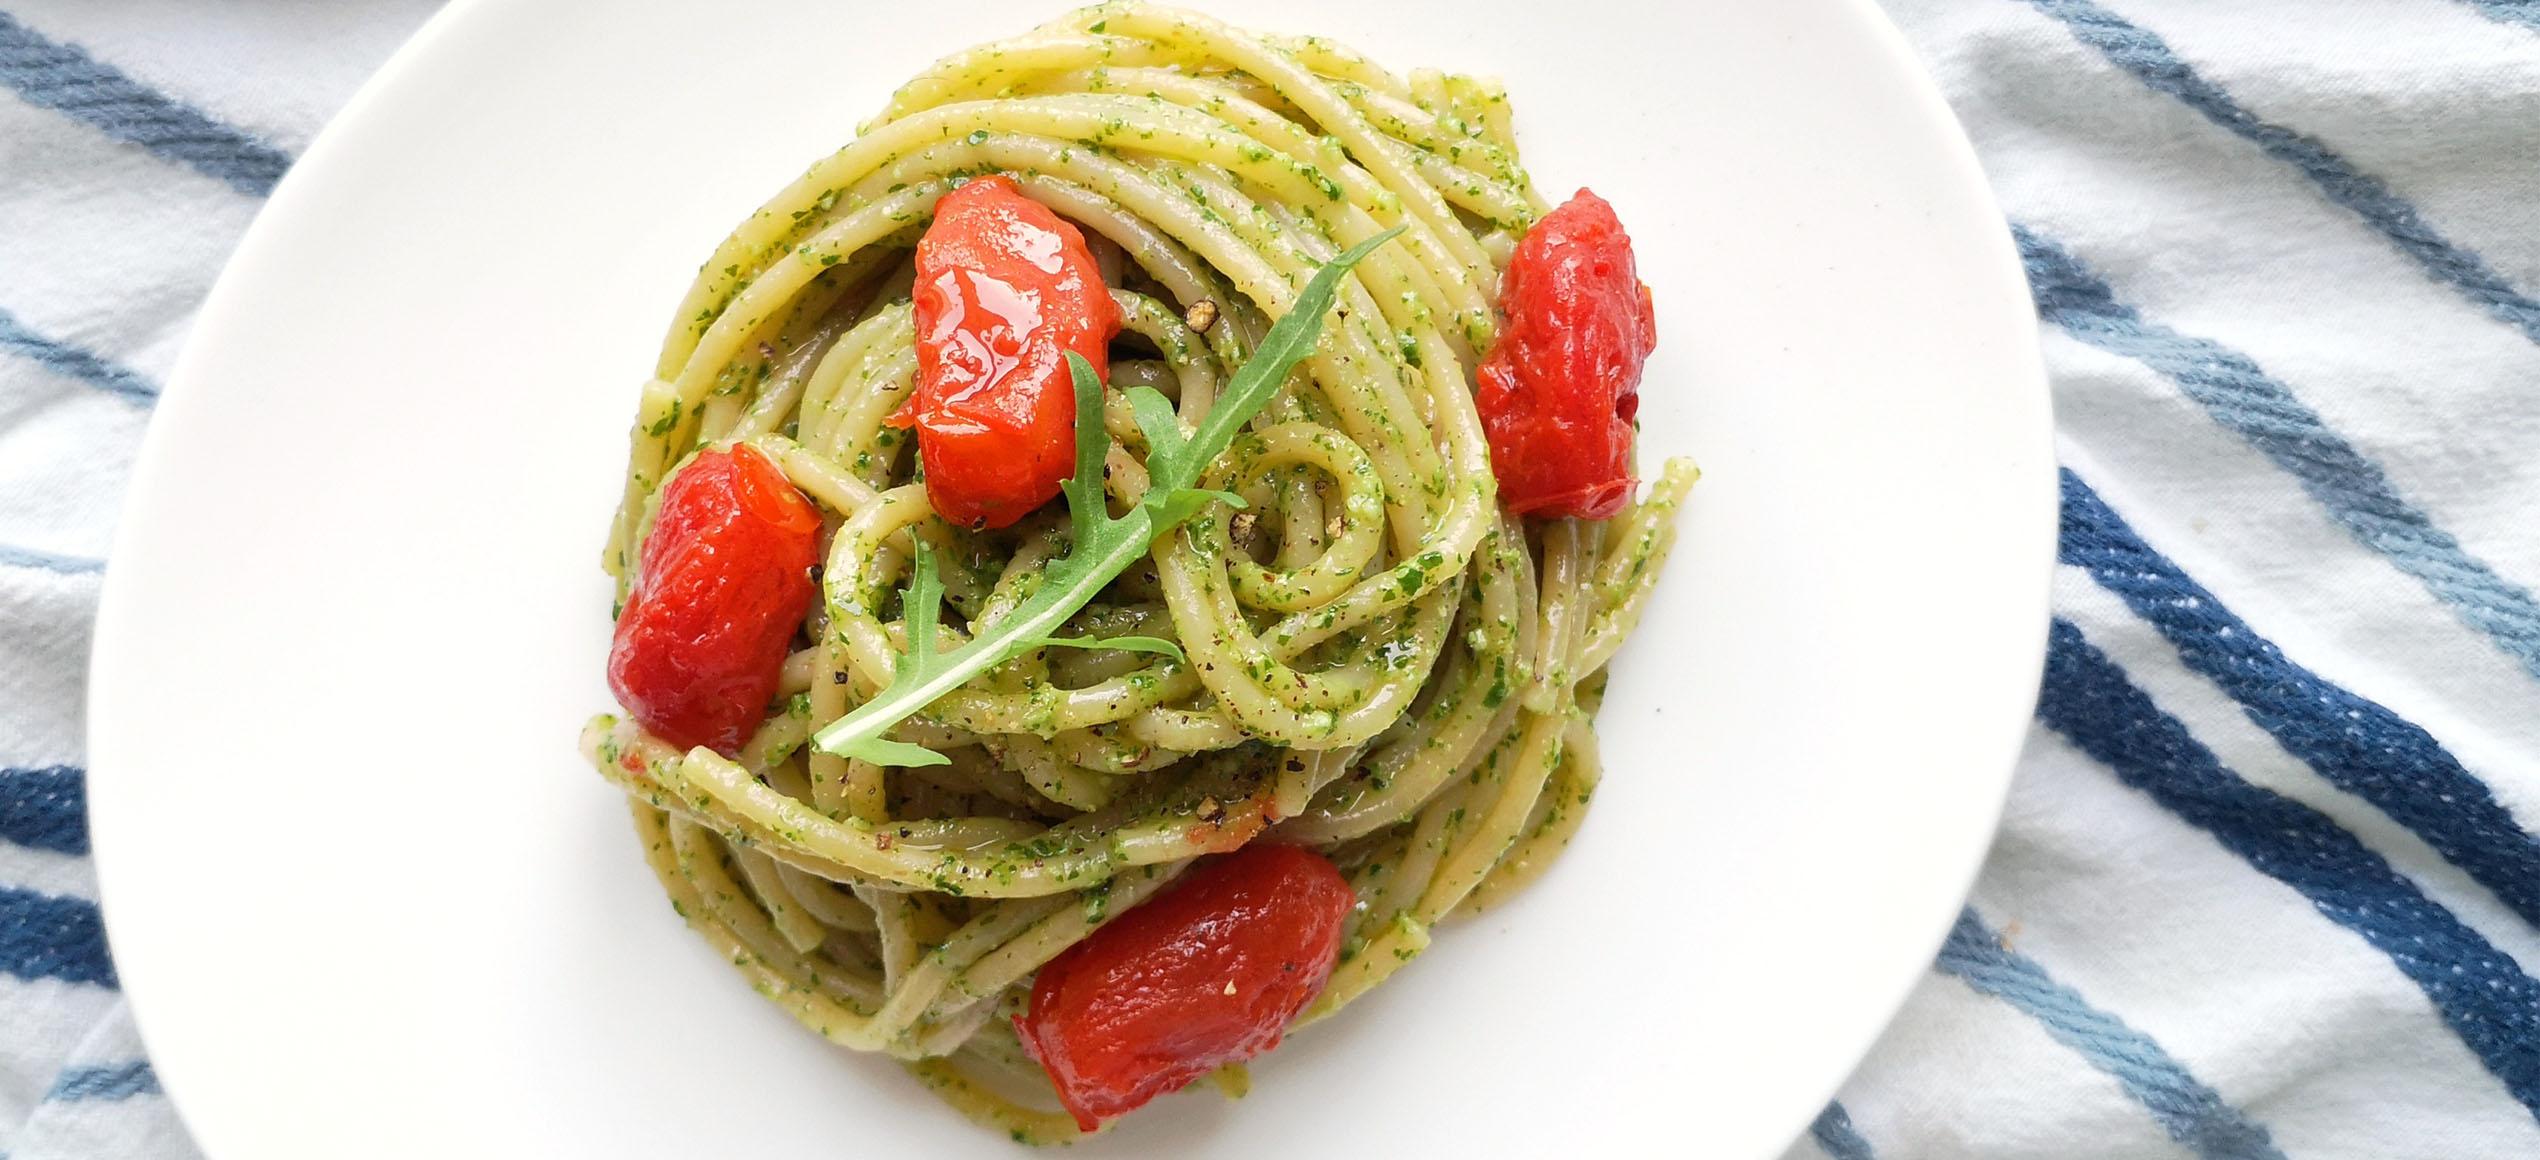 Spaghetti al pesto di rucola e pomodorini scoppiati